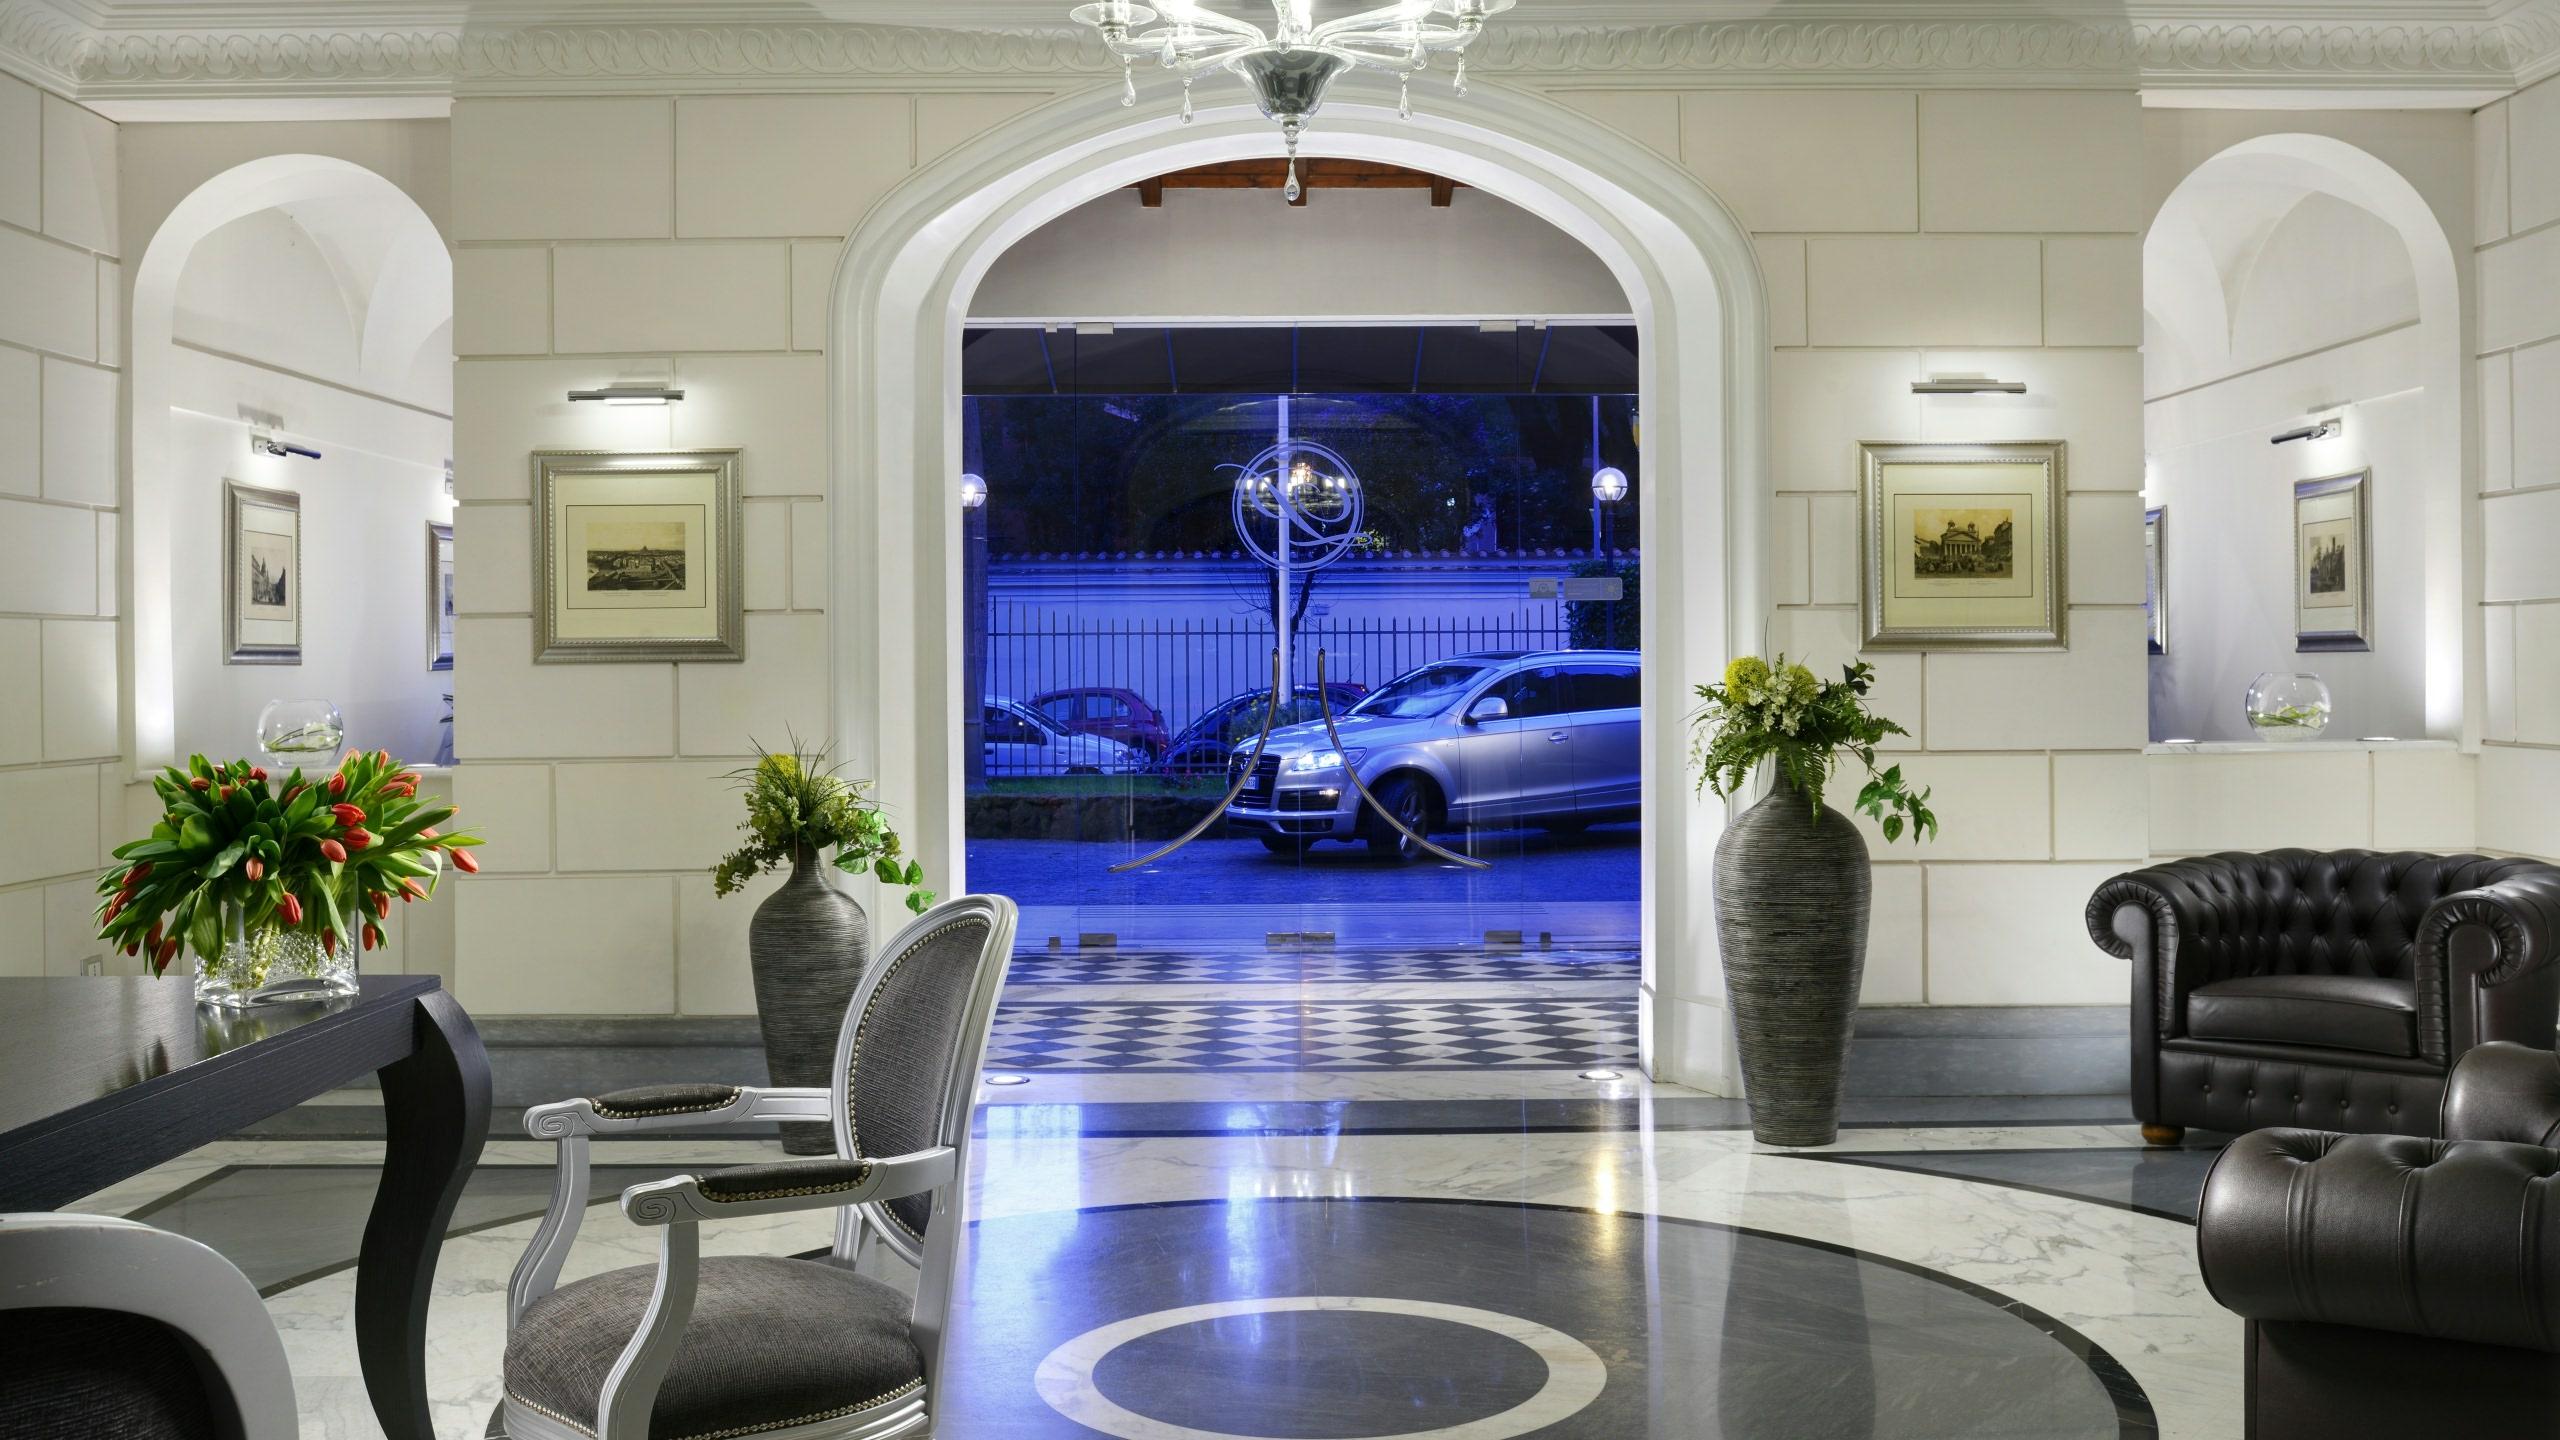 hotel-principe-torlonia-common-areas-01